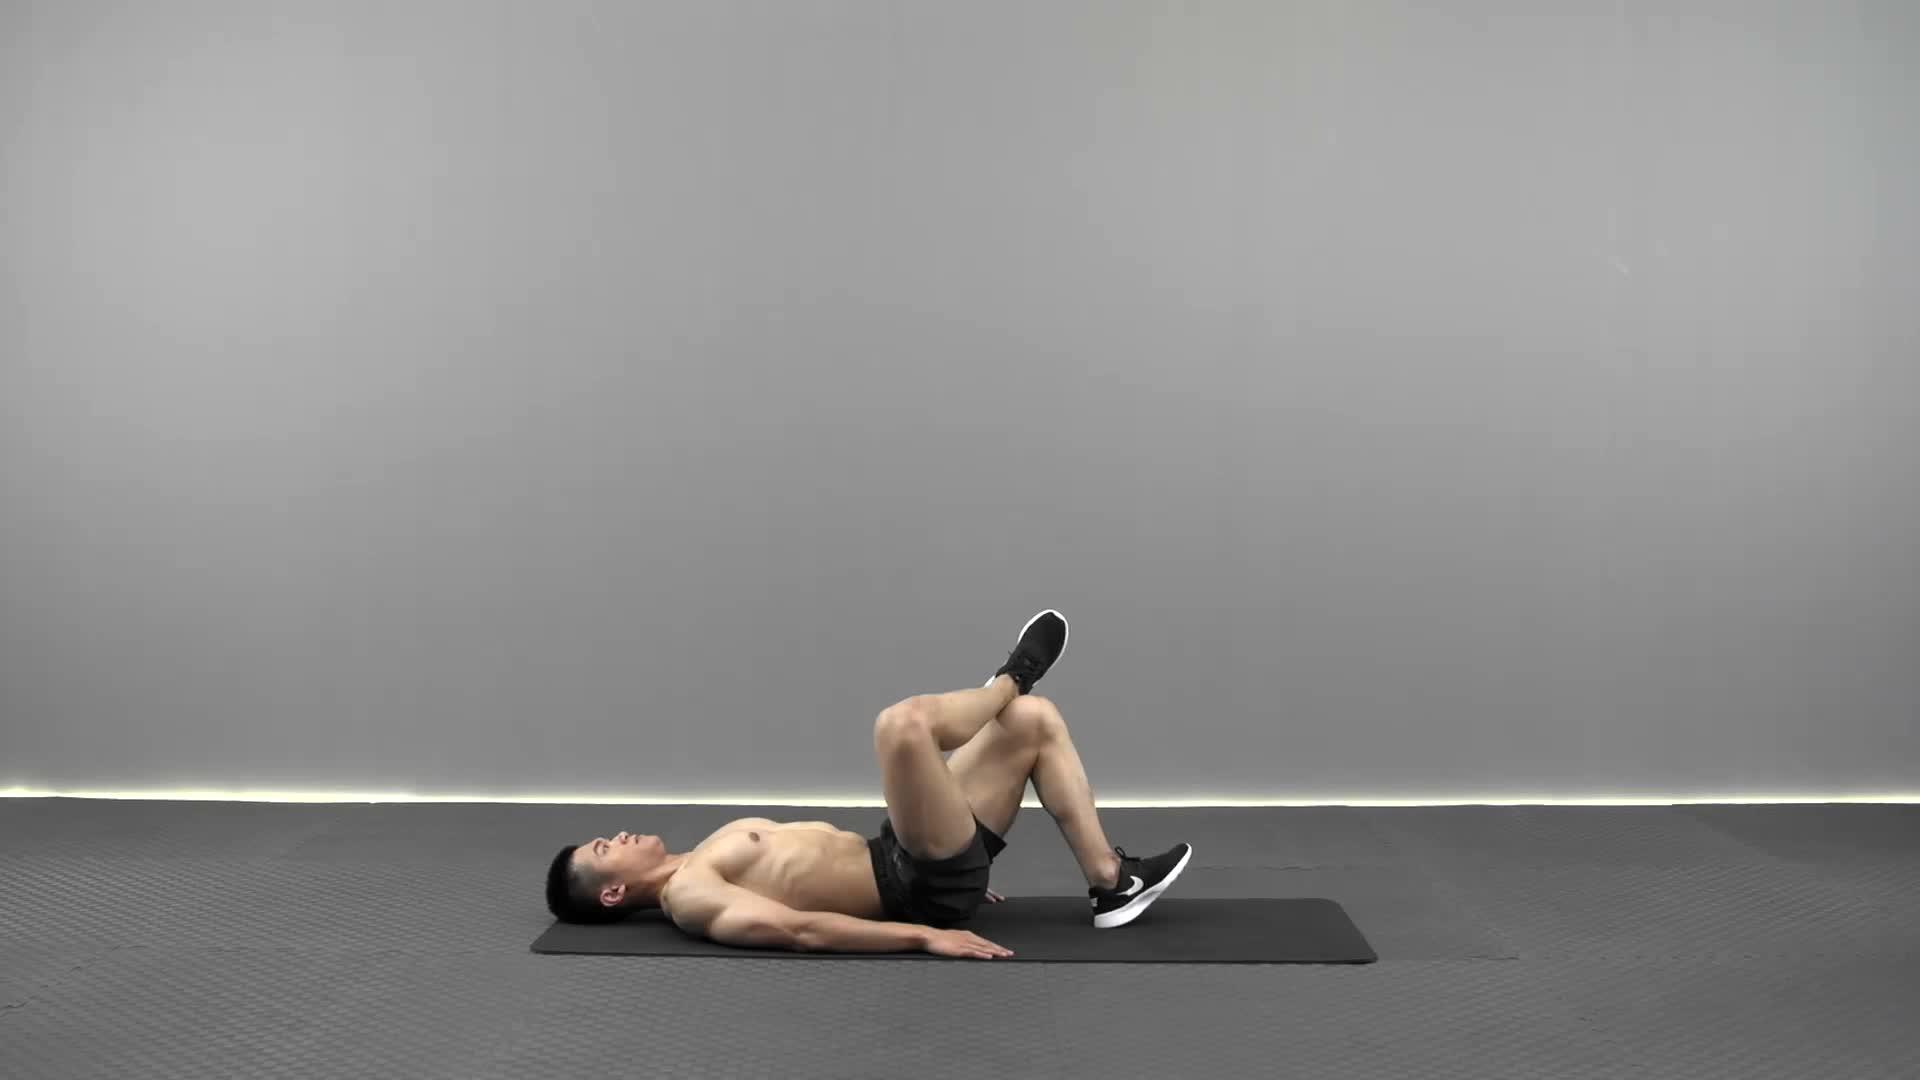 动作要领图                 1、收紧腹部、臀部2、脚尖与膝盖保持同一方向           主要肌肉示意图        叠腿臀桥 L的动作要领 1、收紧腹部、臀部<br /> 2、脚尖与膝盖保持